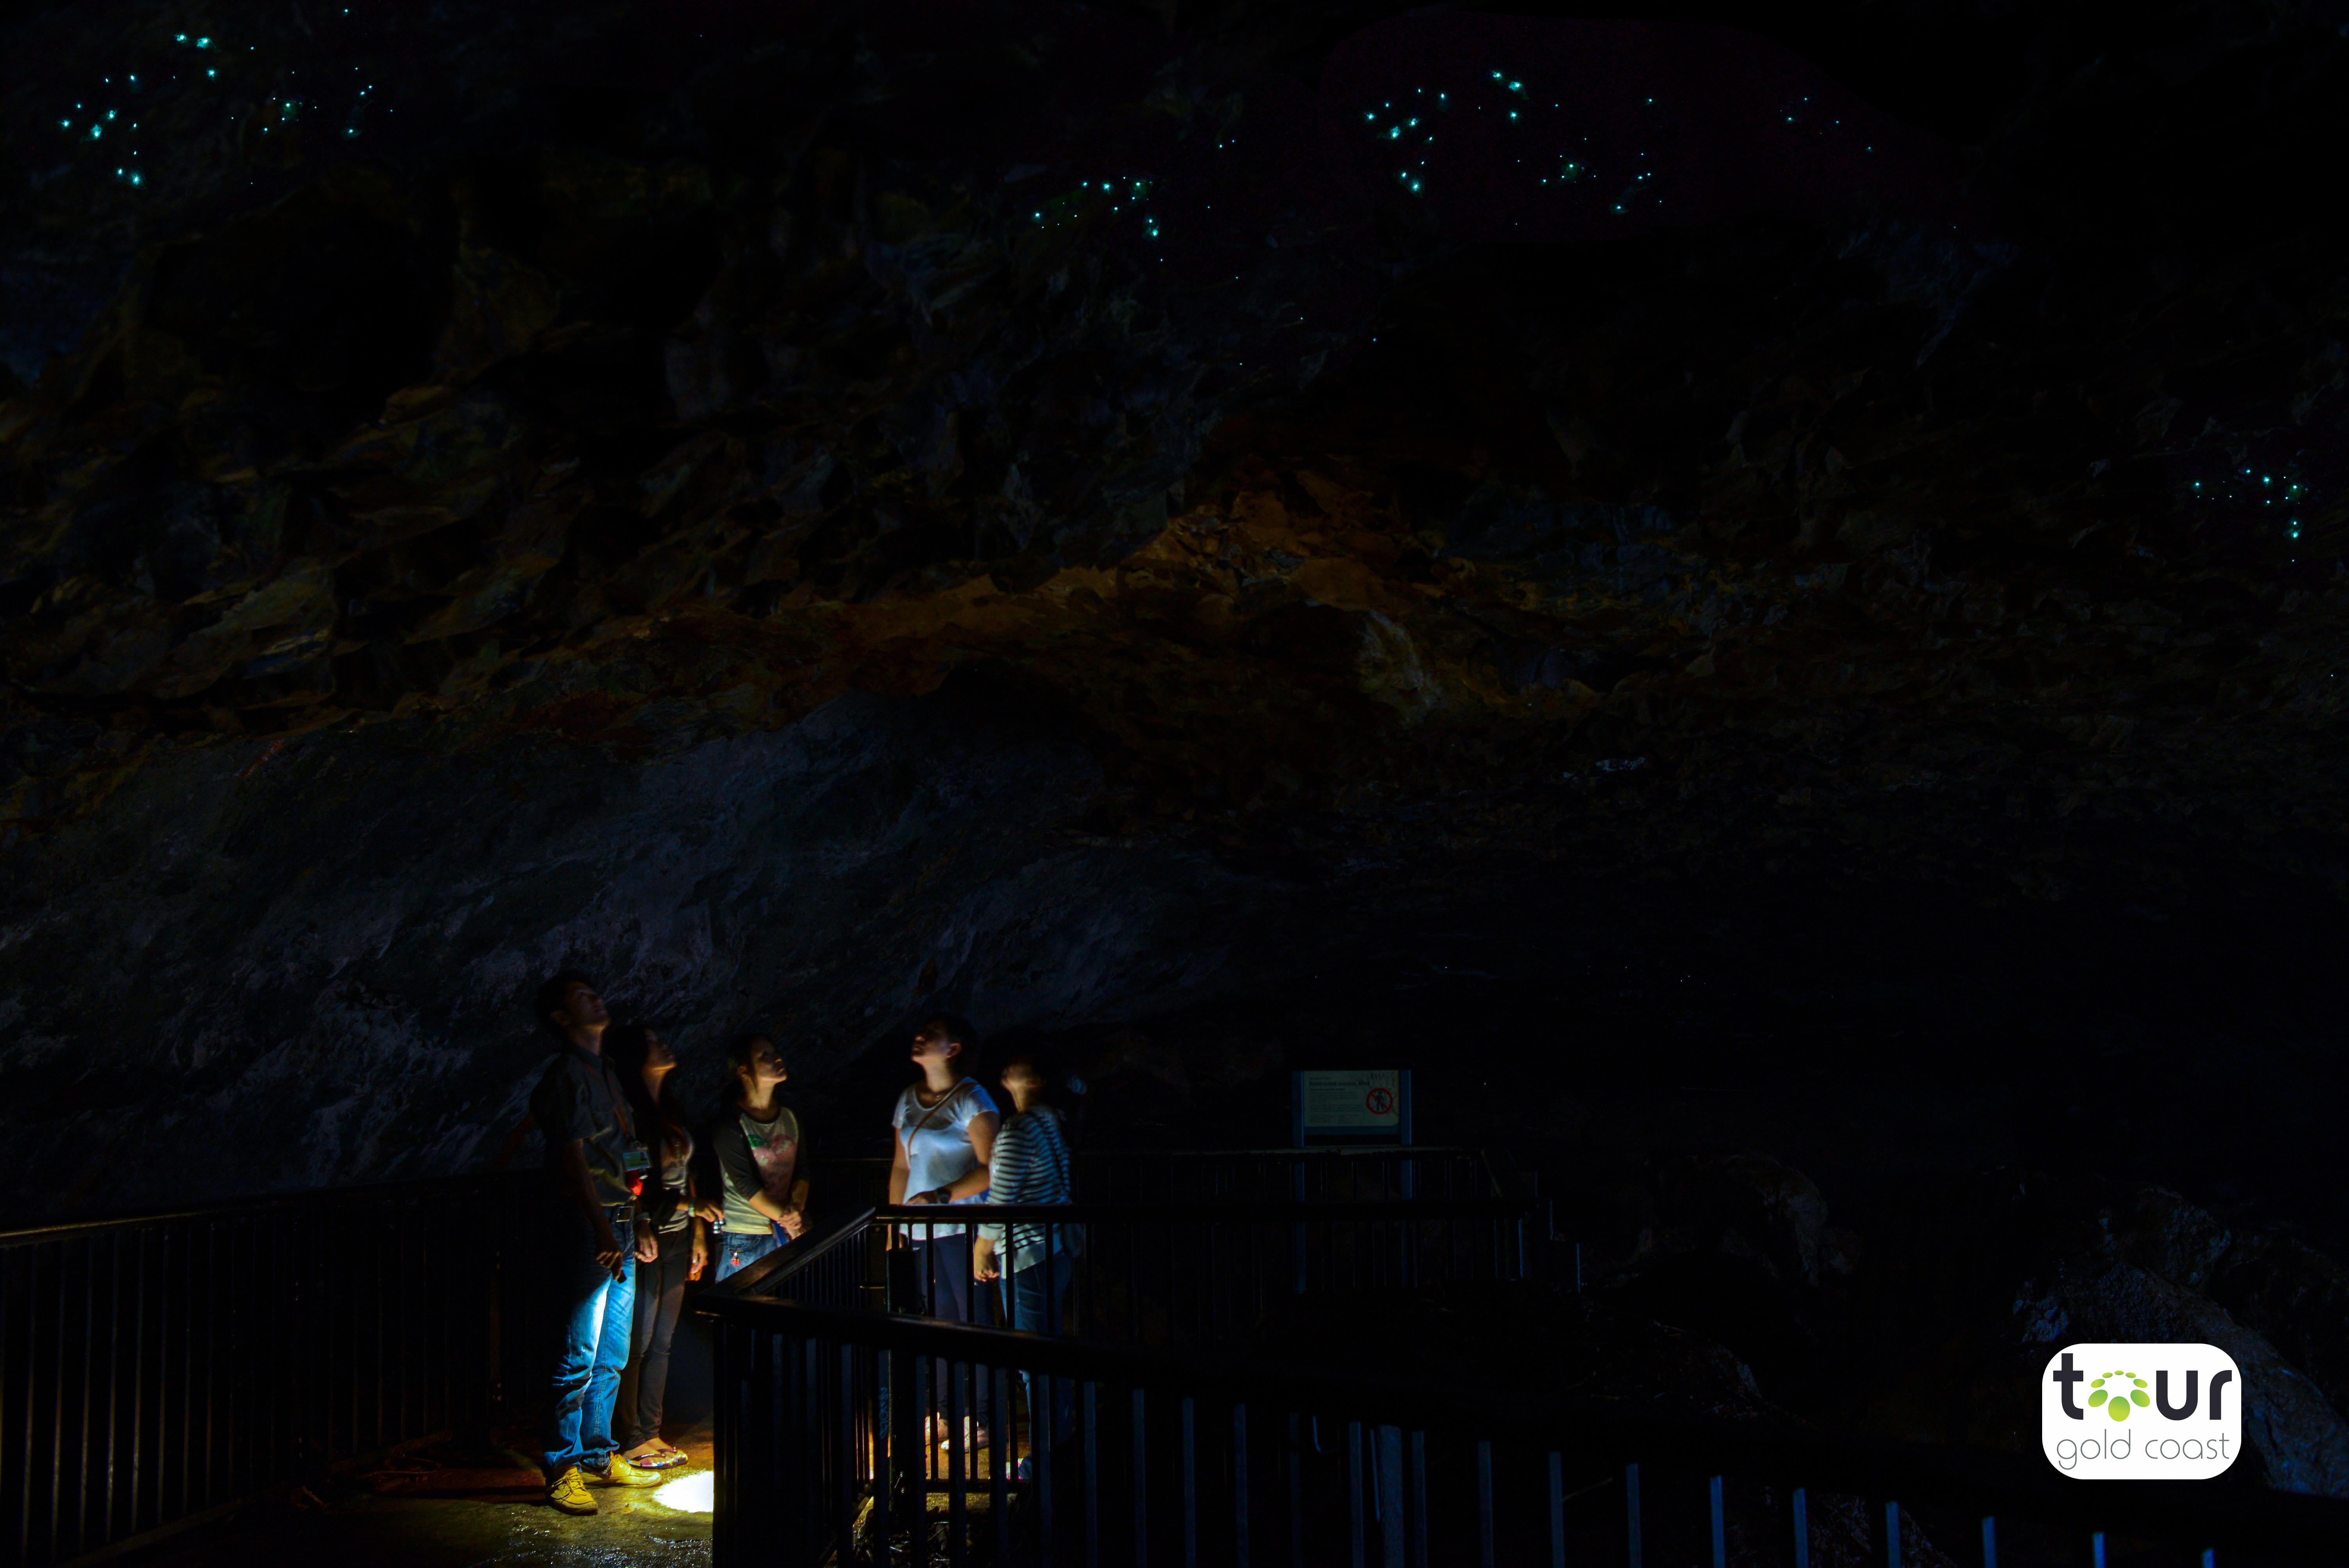 洞窟の中は幻想的な世界が広がります。